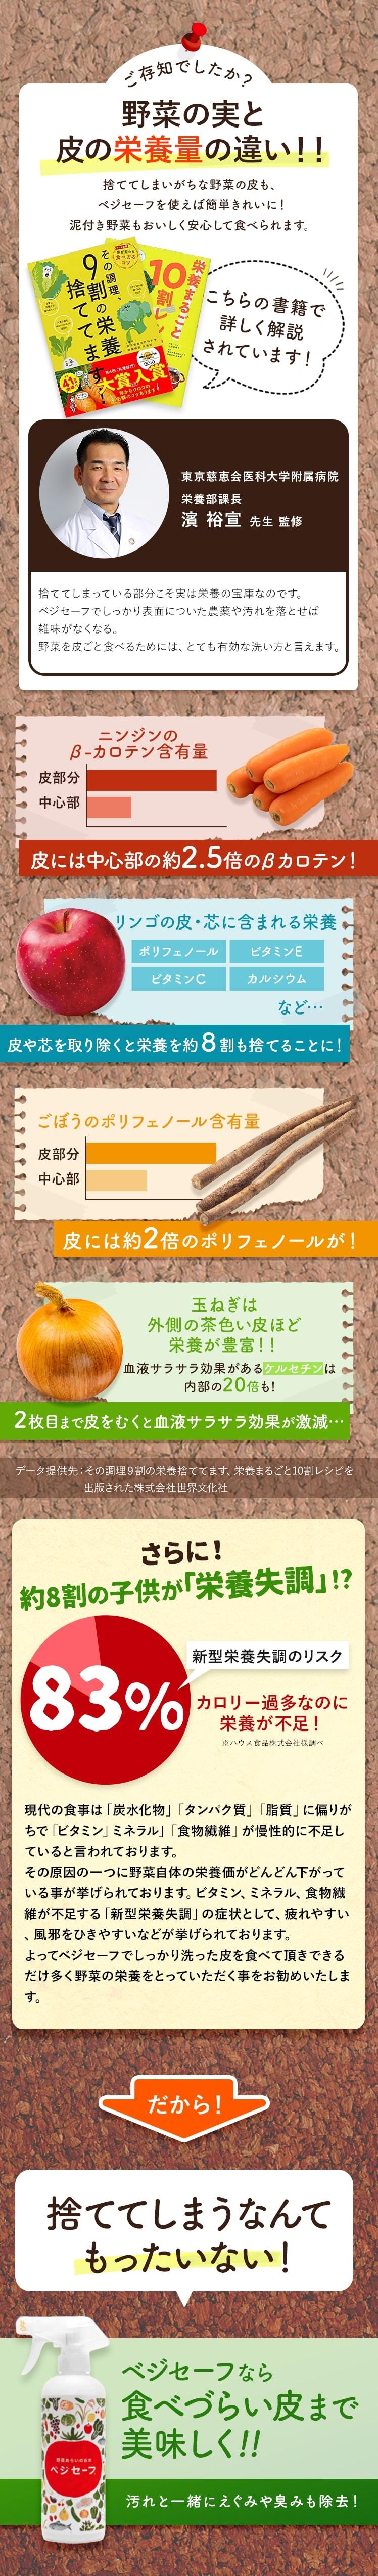 ご存知でしたか?野菜の実と皮の栄養量の違い!! 捨ててしまいがちな野菜の皮も、ベジセーフを使えば簡単きれいに!泥付き野菜もおいしく安心して食べられます。 東京慈恵会医科大学附属病院栄養部課長 濱 裕宣 先生 監修 捨ててしまっている部分こそ実は栄養の宝庫なのですベジセーフでしっかり表面についた農薬や汚れを落とせば雑味がなくなる。とても有効な洗い方と言えます。 ニンジンのβ-カロテン含有量皮には中心部の約2.5倍のβカロテン! リンゴの皮・芯に含まれる栄養皮や芯を取り除くと栄養を約8割も捨てることに! ごぼうのポリフェノール含有量皮には約2倍のポリフェノールが! 玉ねぎは外側の茶色い皮ほど栄養が豊富!!2枚目まで皮をむくと血液サラサラ効果が激減… さらに!約8割の子供が「栄養失調」!?現代の食事は「炭水化物」「タンパク質」「脂質」に偏りがちで「ビタミン」ミネラル」「食物繊維」が慢性的に不足していると言われております。その原因の一つに野菜自体の栄養価がどんどん下がっている事が挙げられております。ビタミン、ミネラル、食物繊維が不足する「新型栄養失調」の症状として、疲れやすい、風邪をひきやすいなどが挙げられております。よってベジセーフでしっかり洗った皮を食べて頂きできるだけ多く野菜の栄養をとっていただく事をお勧めいたします。だから!捨ててしまうなんてもったいない!ベジセーフなら食べづらい皮まで美味しく!!汚れと一緒にえぐみや臭みも除去!